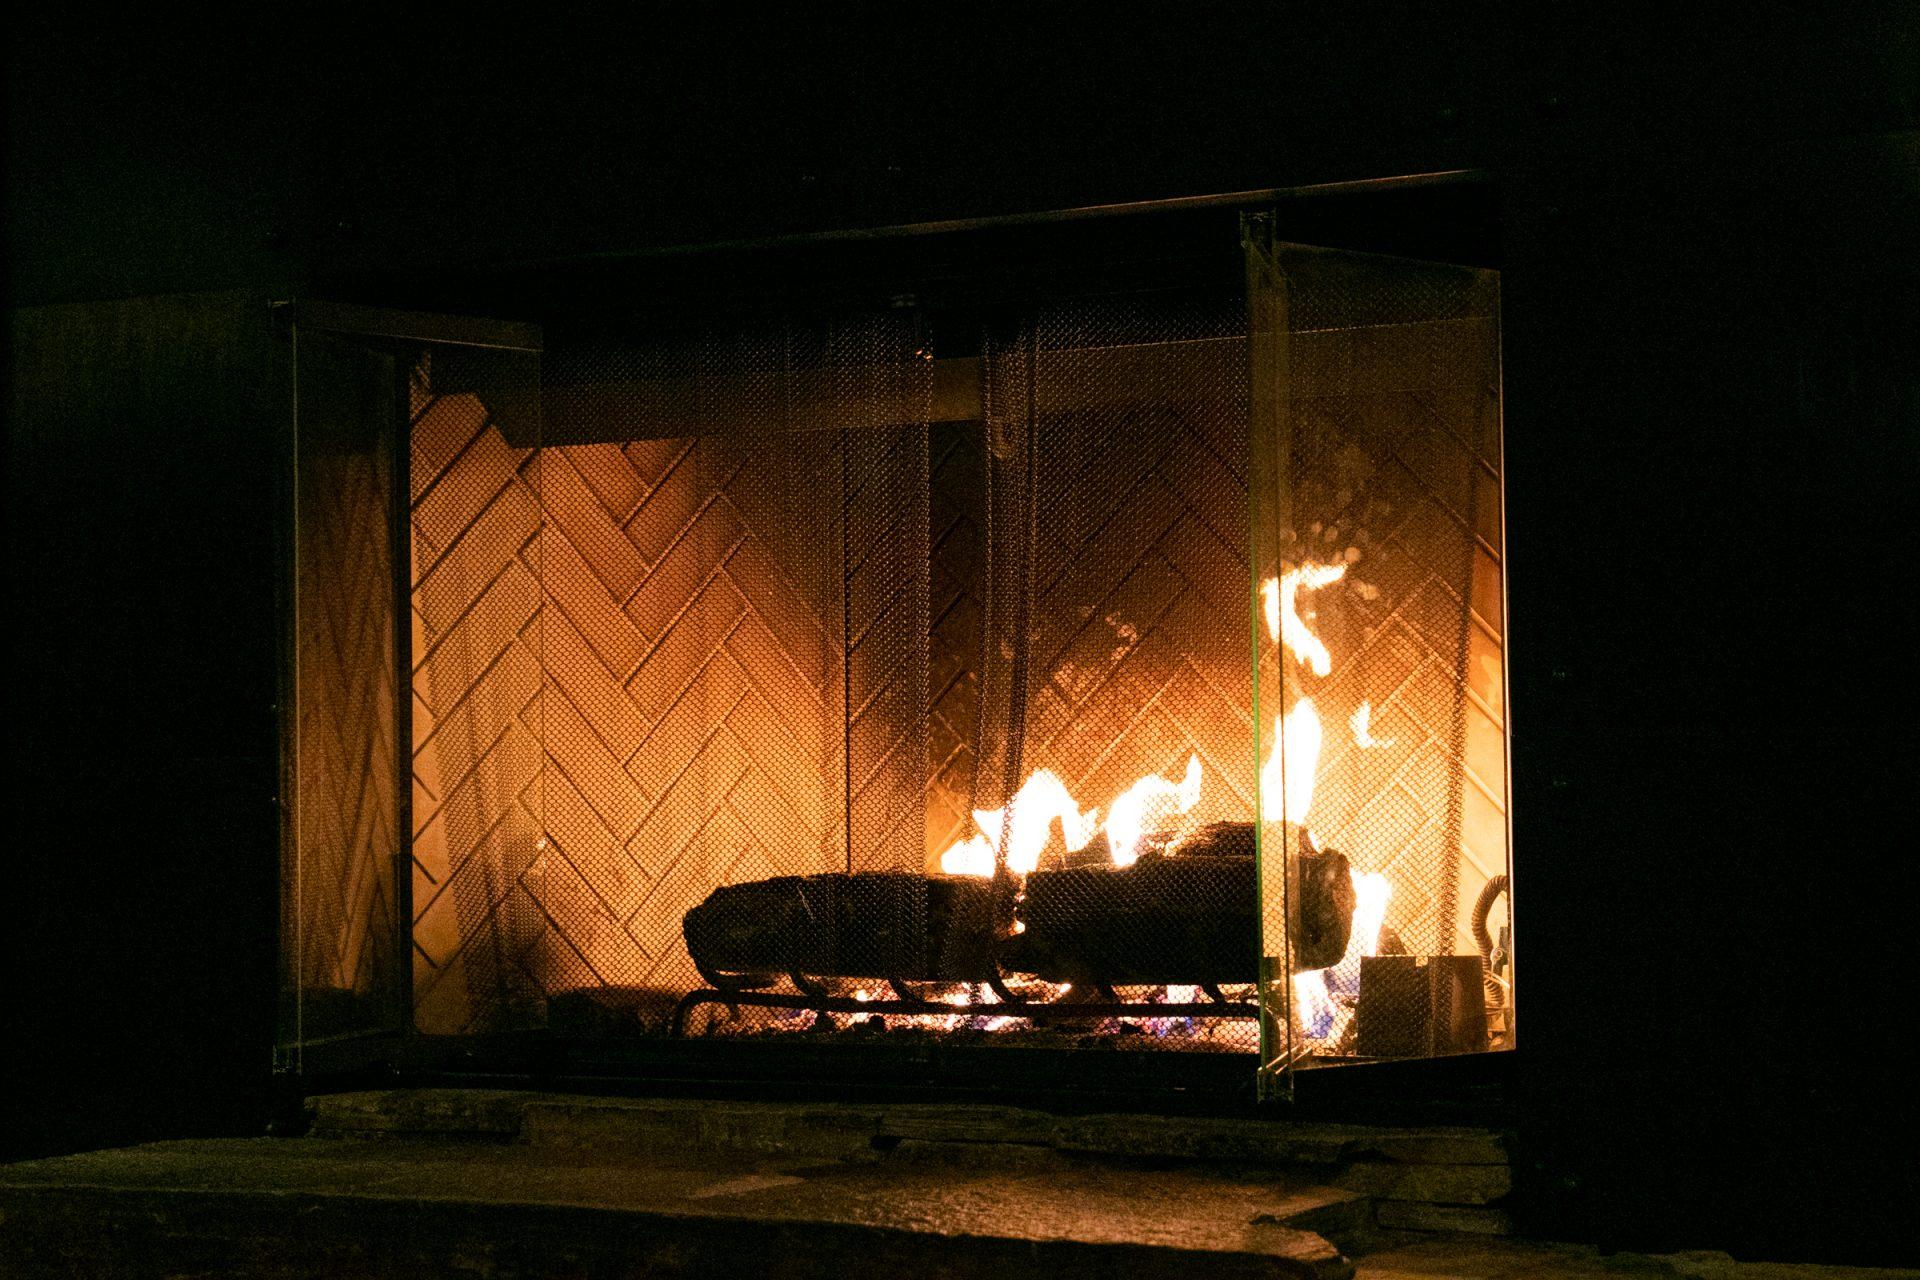 Flickering Wood Fire In Fireplace